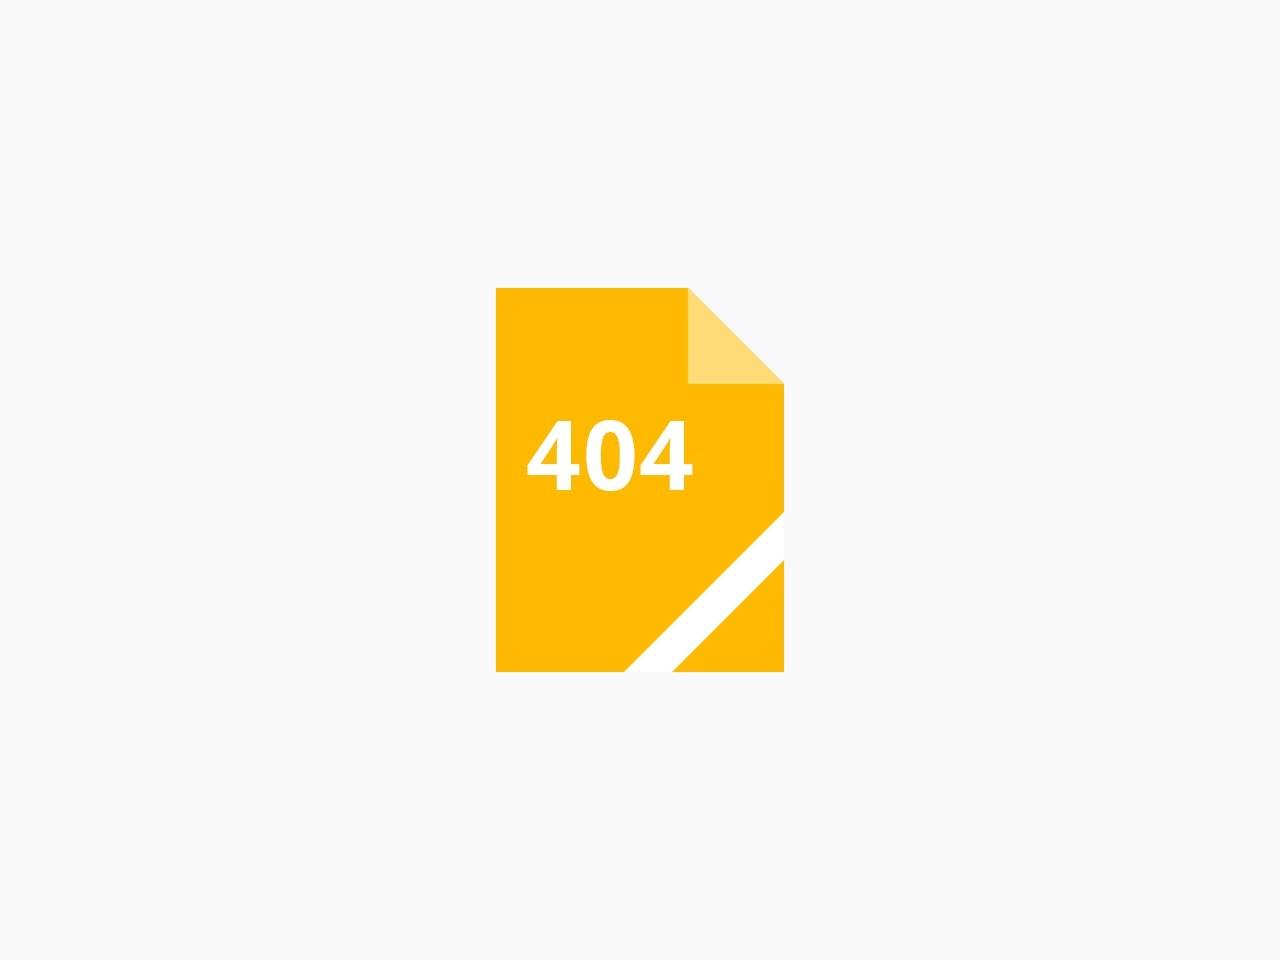 瑞麟国际外汇投资网